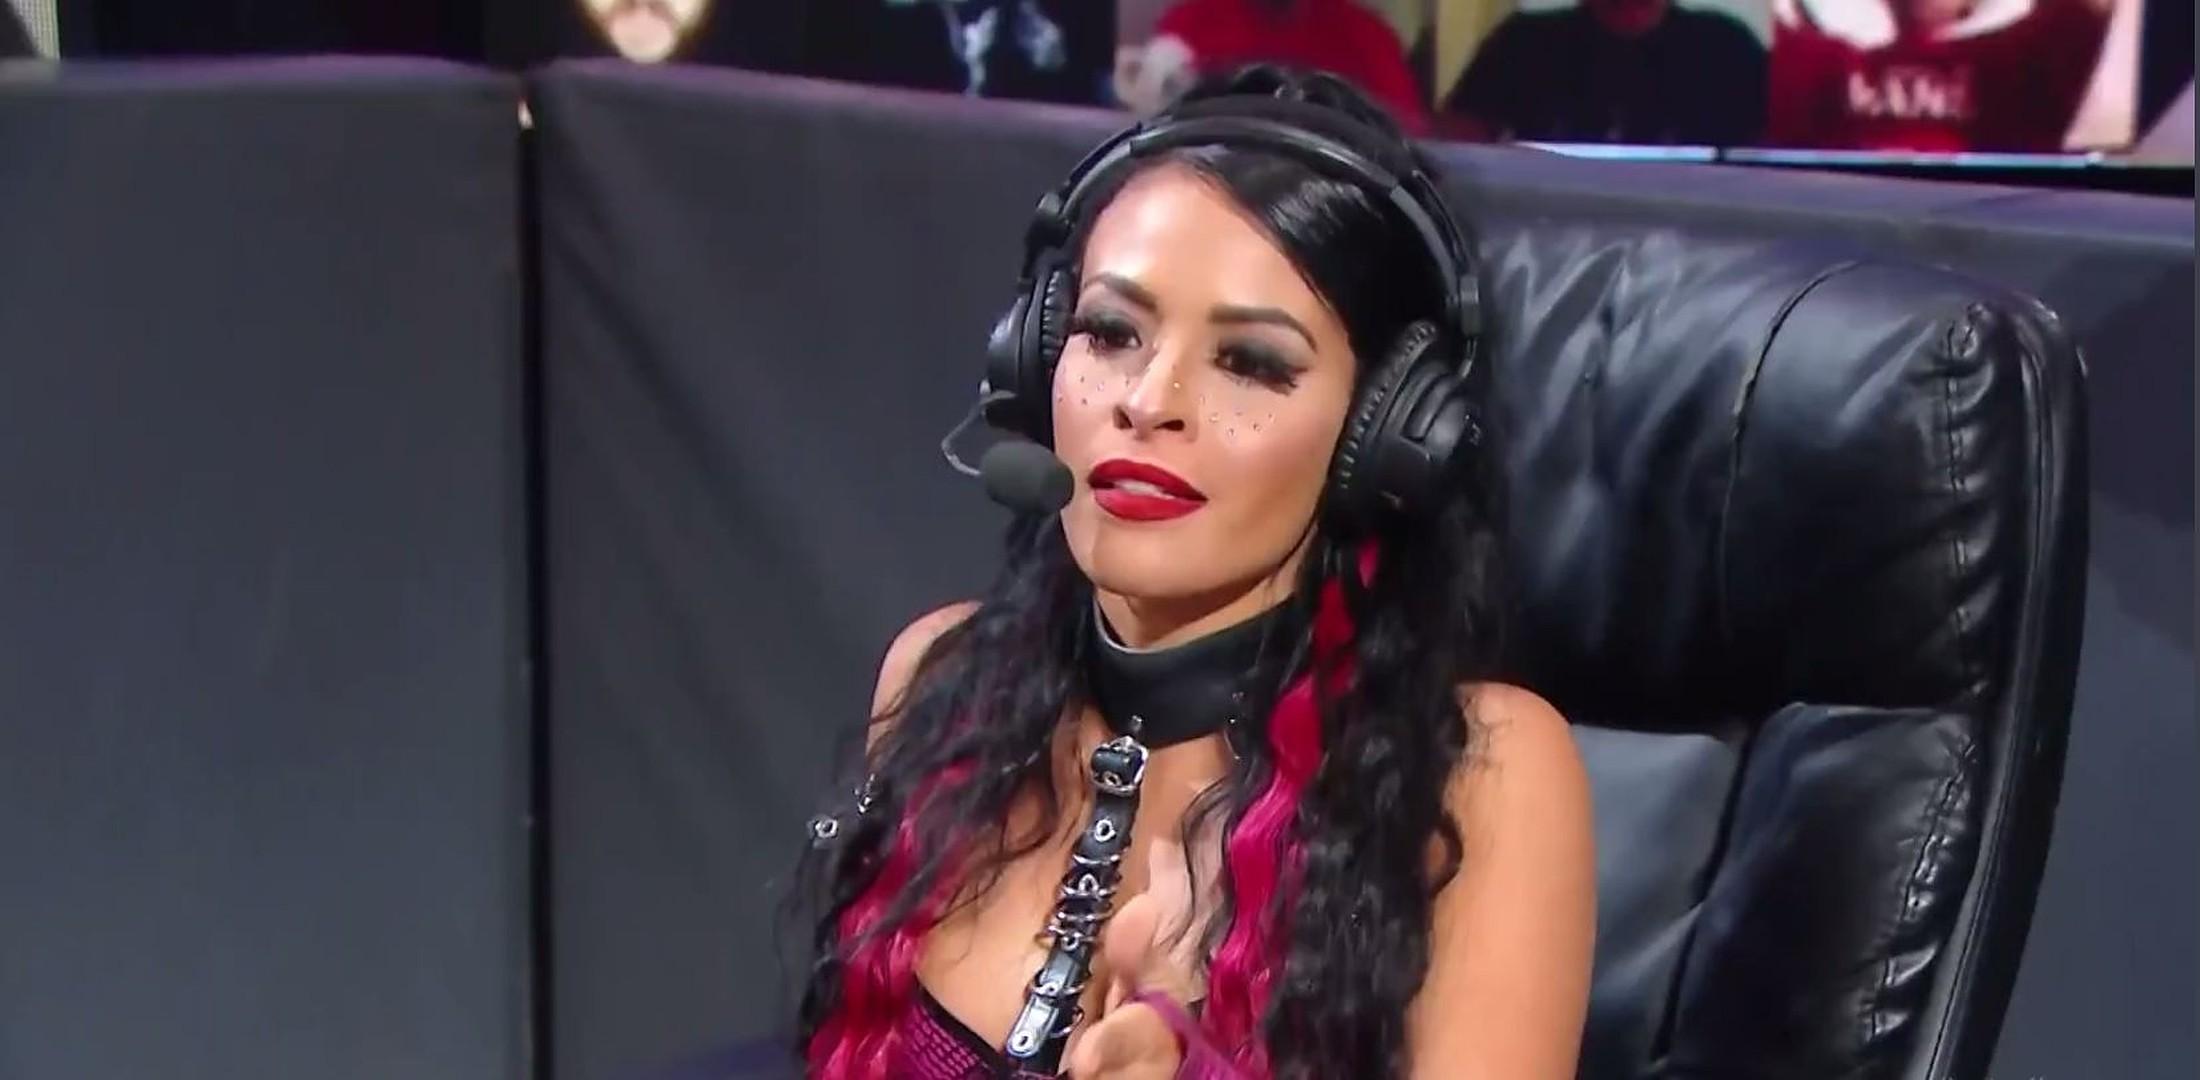 WWE entlässt Wrestlerin Zelina Vega offenbar wegen Twitch